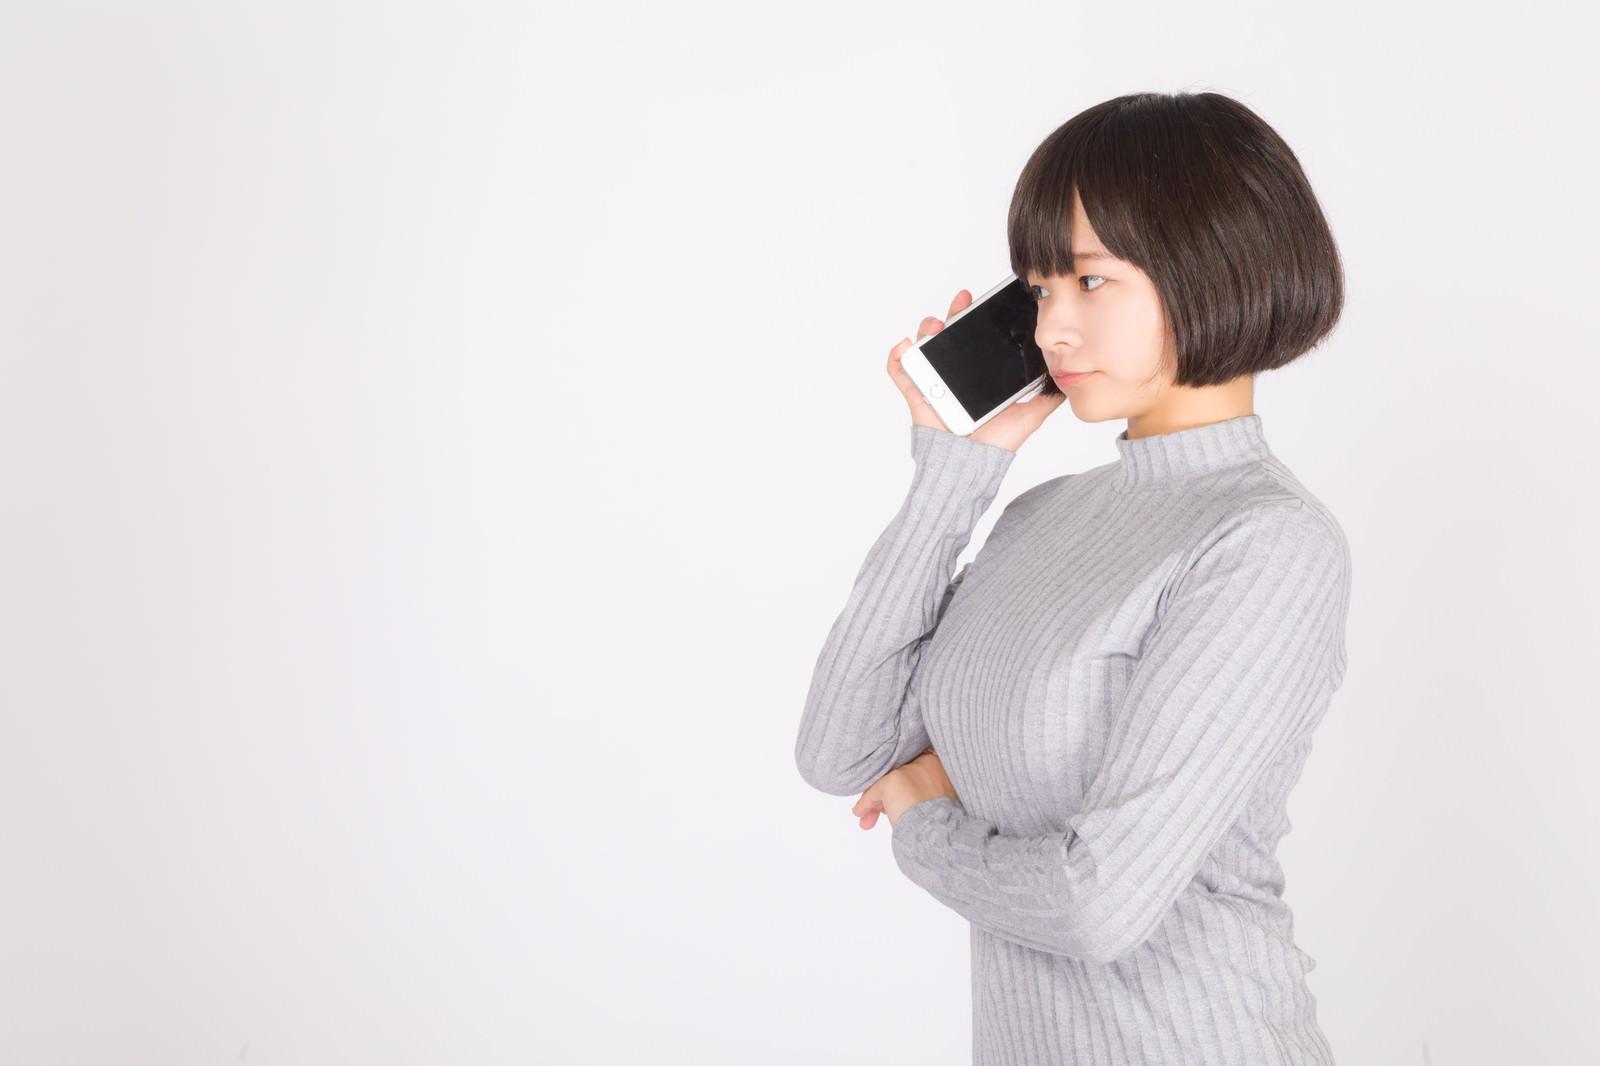 「スマートフォンで音声通話する若い女性スマートフォンで音声通話する若い女性」[モデル:千歳]のフリー写真素材を拡大